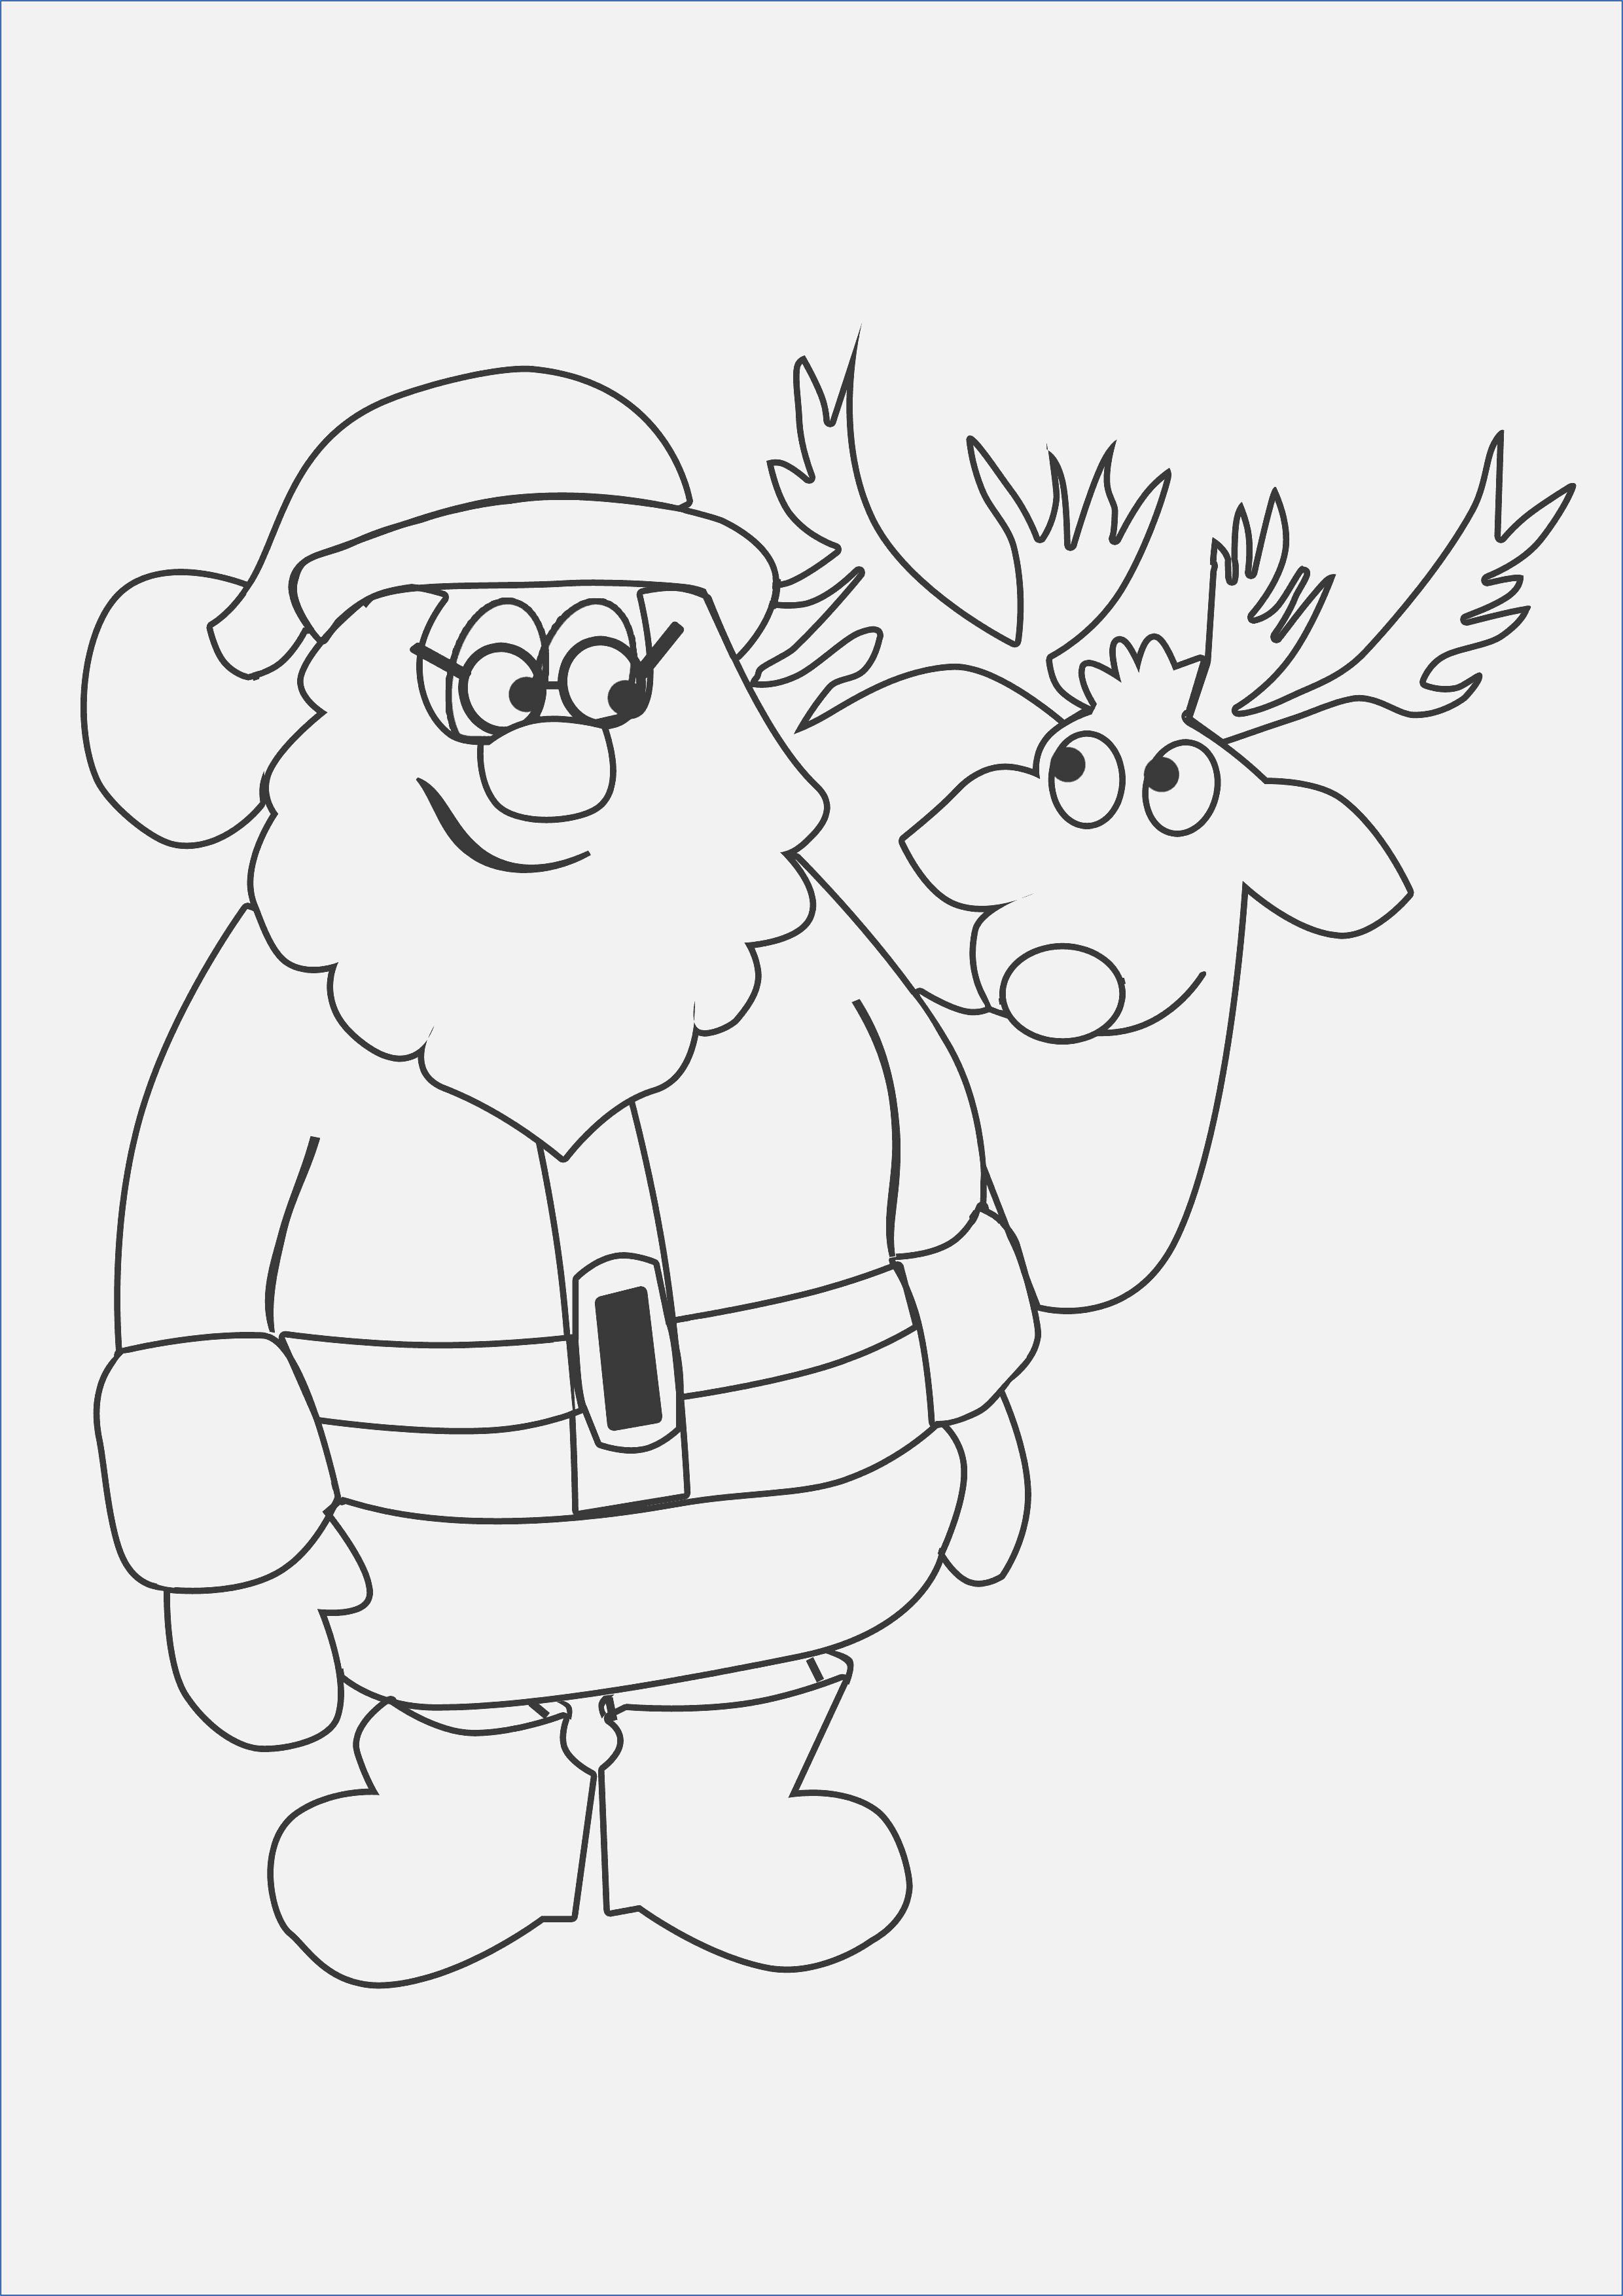 Ausmalbilder.info Weihnachten Einzigartig Window Color Vorlagen Kostenlos Luxus Ausmalbilder Stock